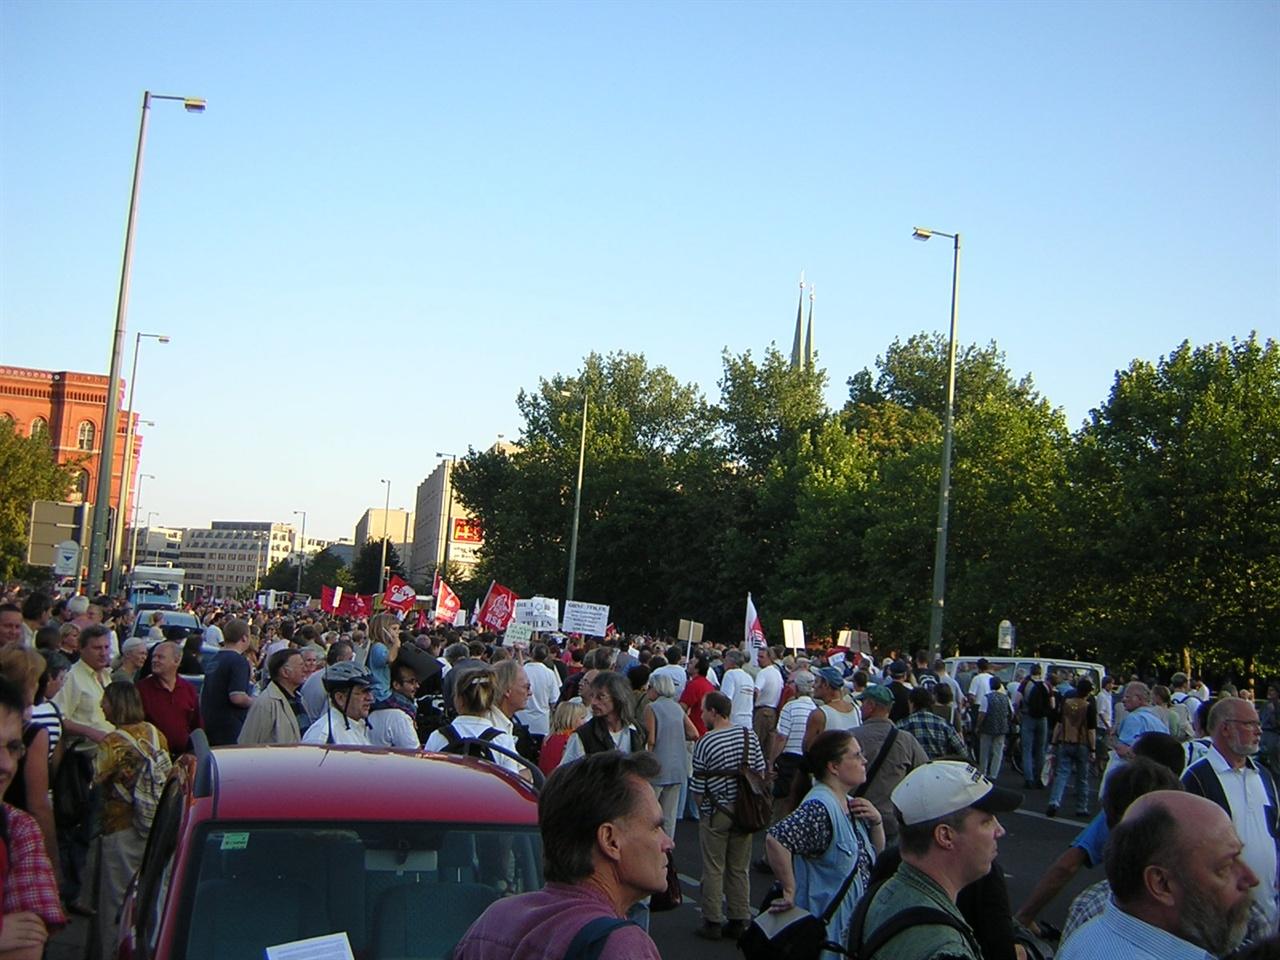 2000년대 초반 노동정책개혁 반대시위에 참여한 구동독주민 모습.